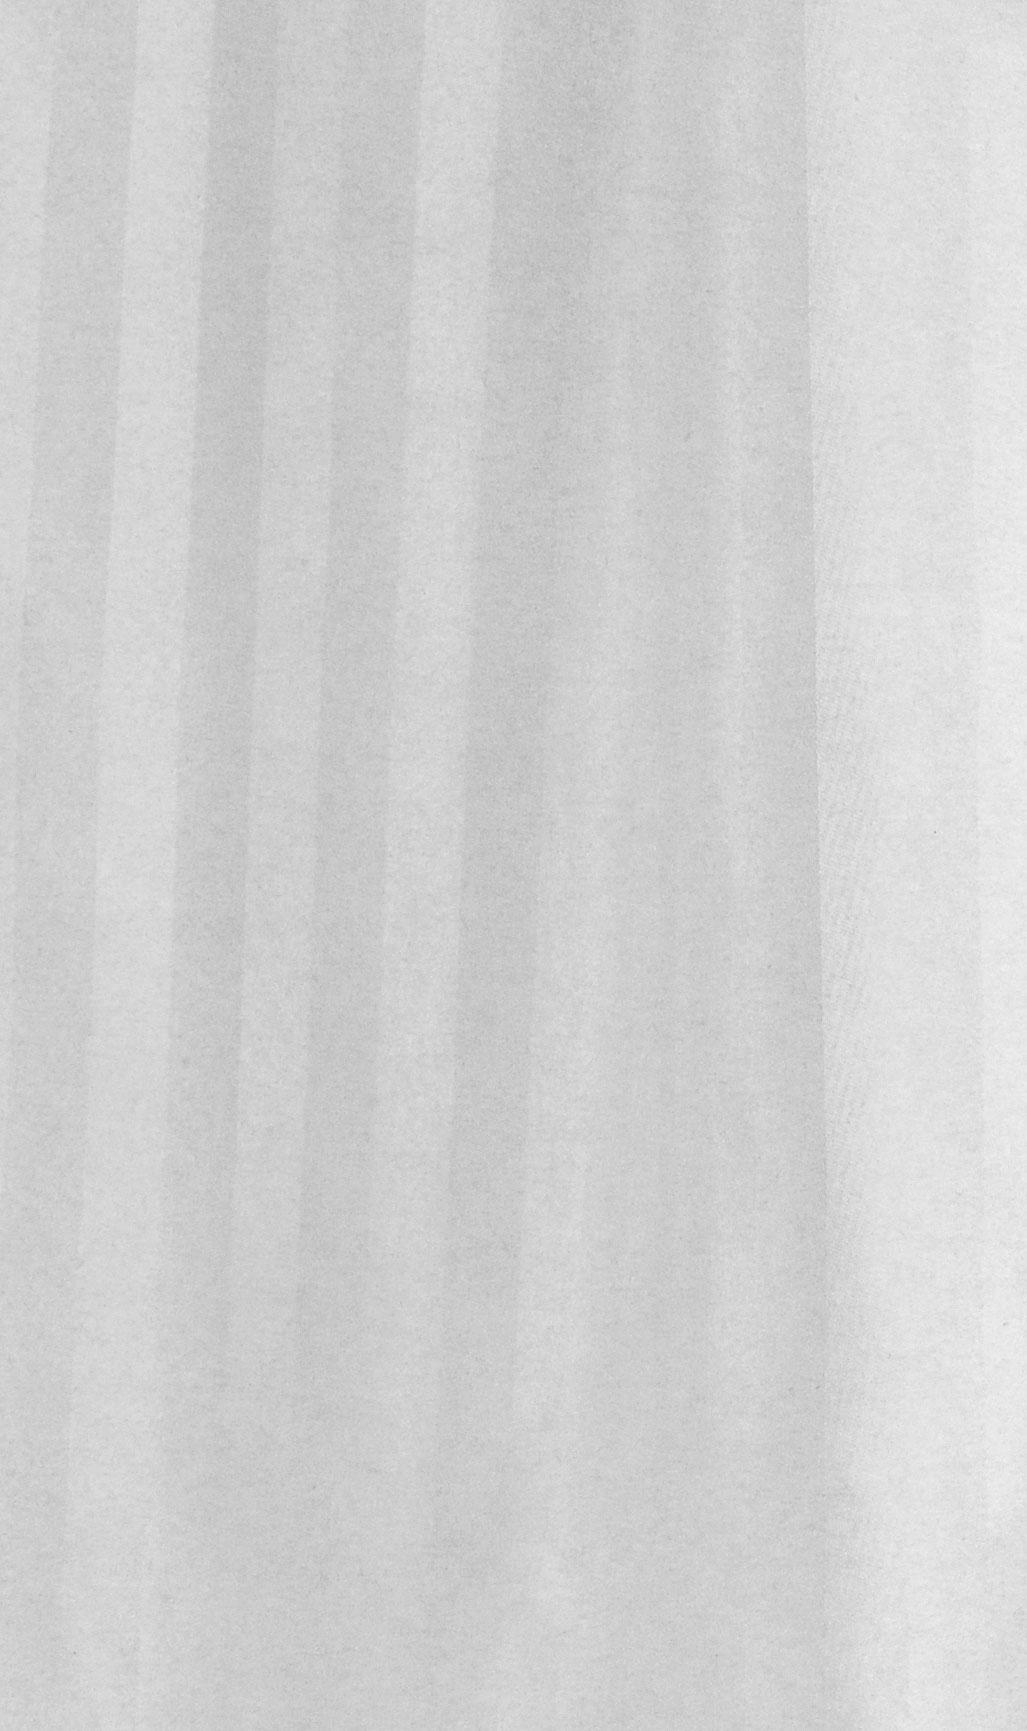 """Штора для ванной комнаты White Fox """"Полоска"""" выполнена из полиэстера с водоотталкивающей и антибактериальной пропиткой. В нижний край вшит утяжелитель """"змейка"""", который обладает большой гибкостью и не теряет своих свойств после стирки. Штора оформлена узором в полоску. В комплекте прилагаются 12 фигурных пластиковых колец в форме """"С"""". Штора для ванной комнаты White Fox """"Полоска"""" удобна и проста в уходе. Можно стирать при температуре не выше +30°C и гладить при температуре до +110°C.  Штора для ванной комнаты является прекрасным украшением для ванной комнаты и надежной защитой от разбрызгивания воды."""